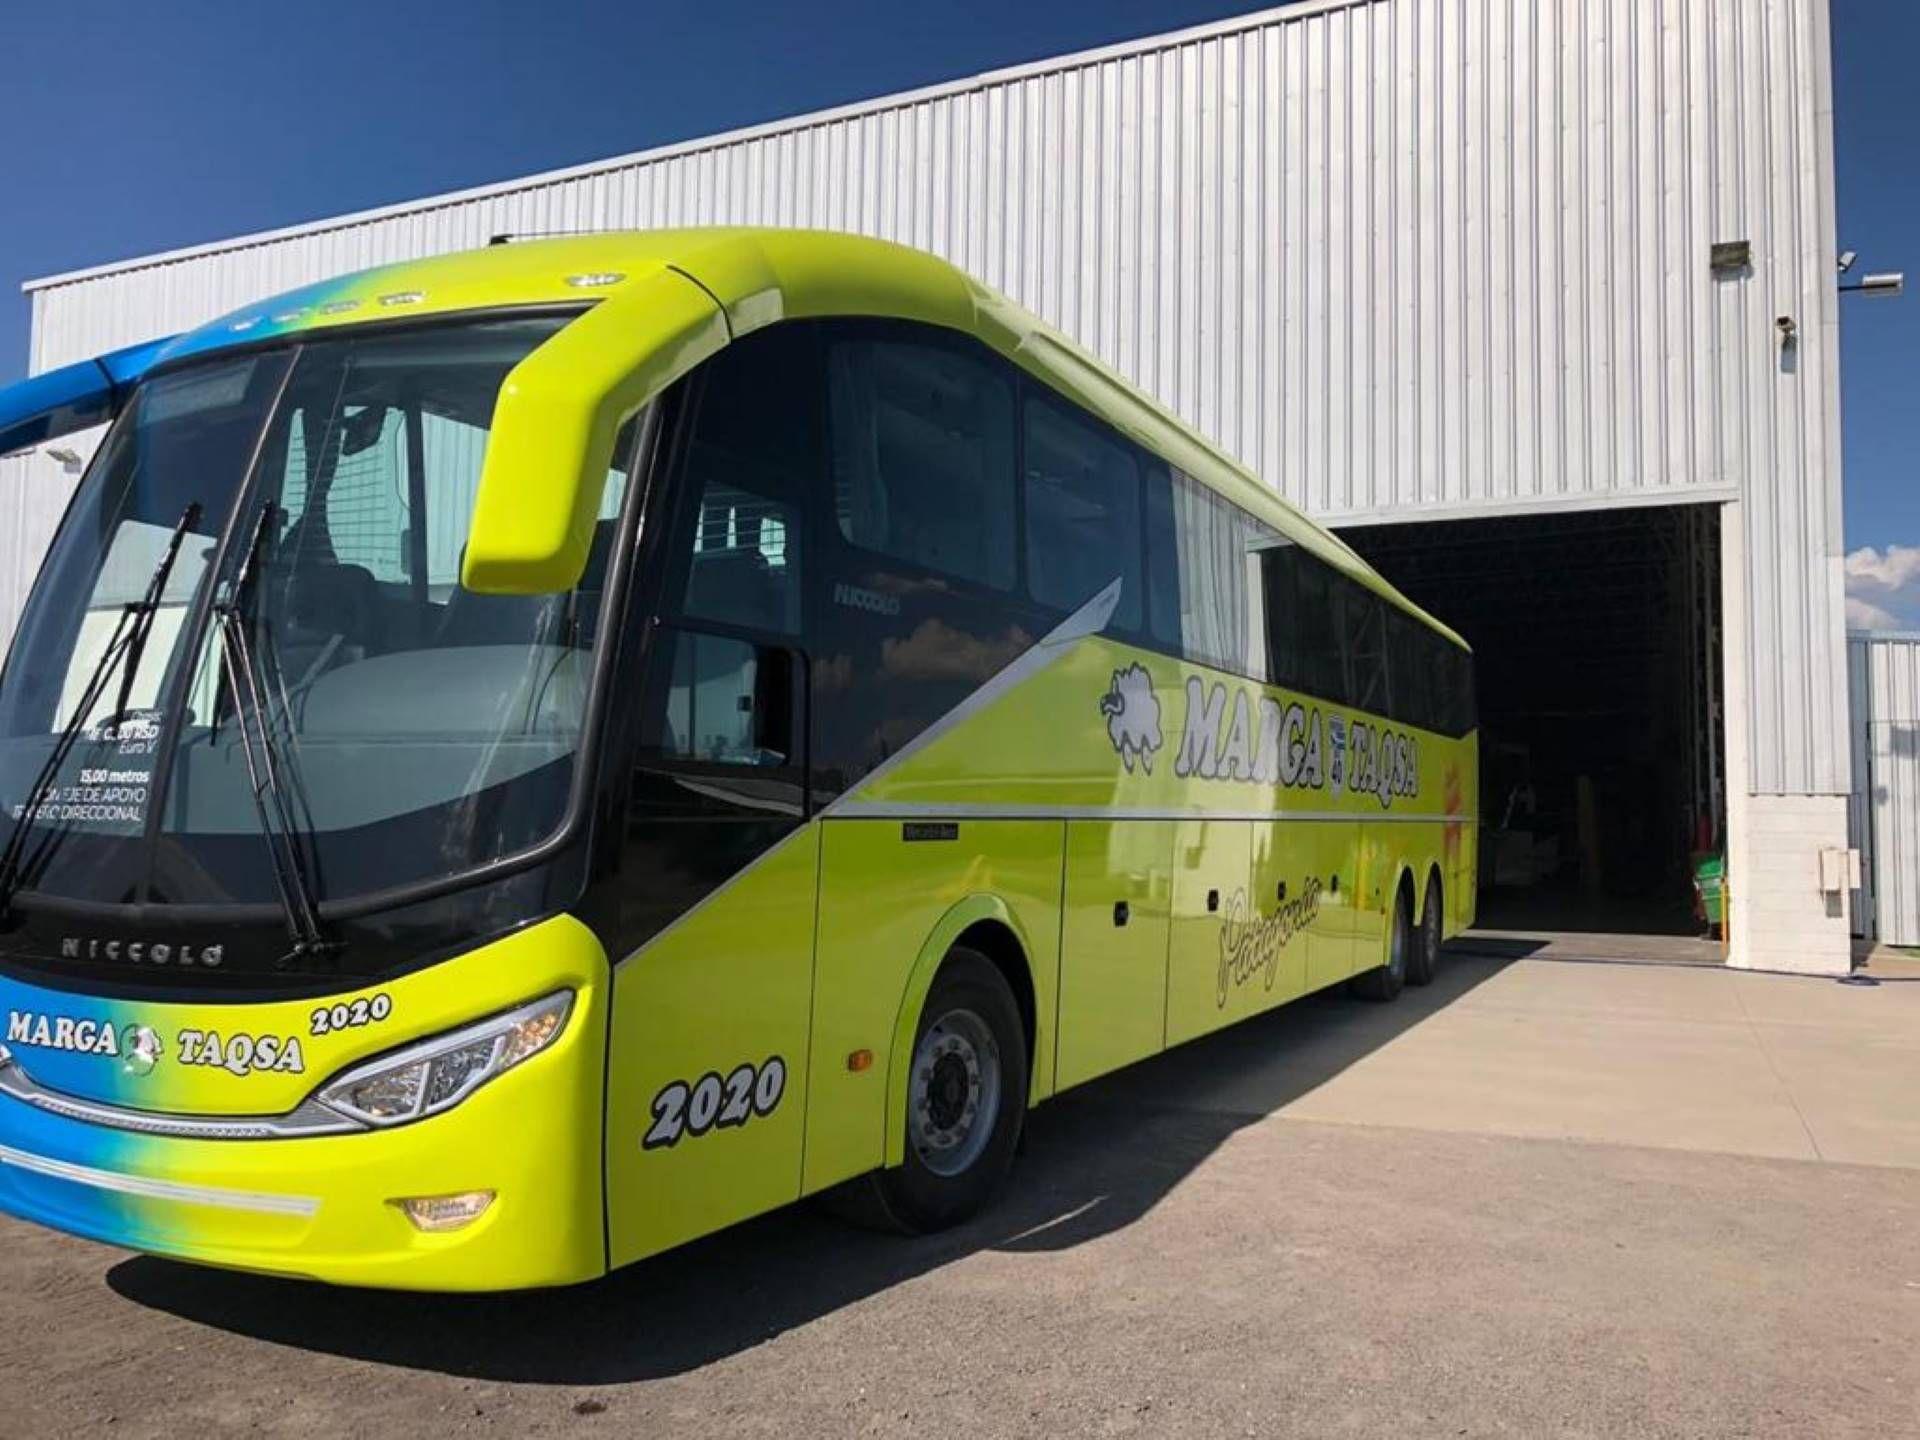 180 Liegesitze Bus